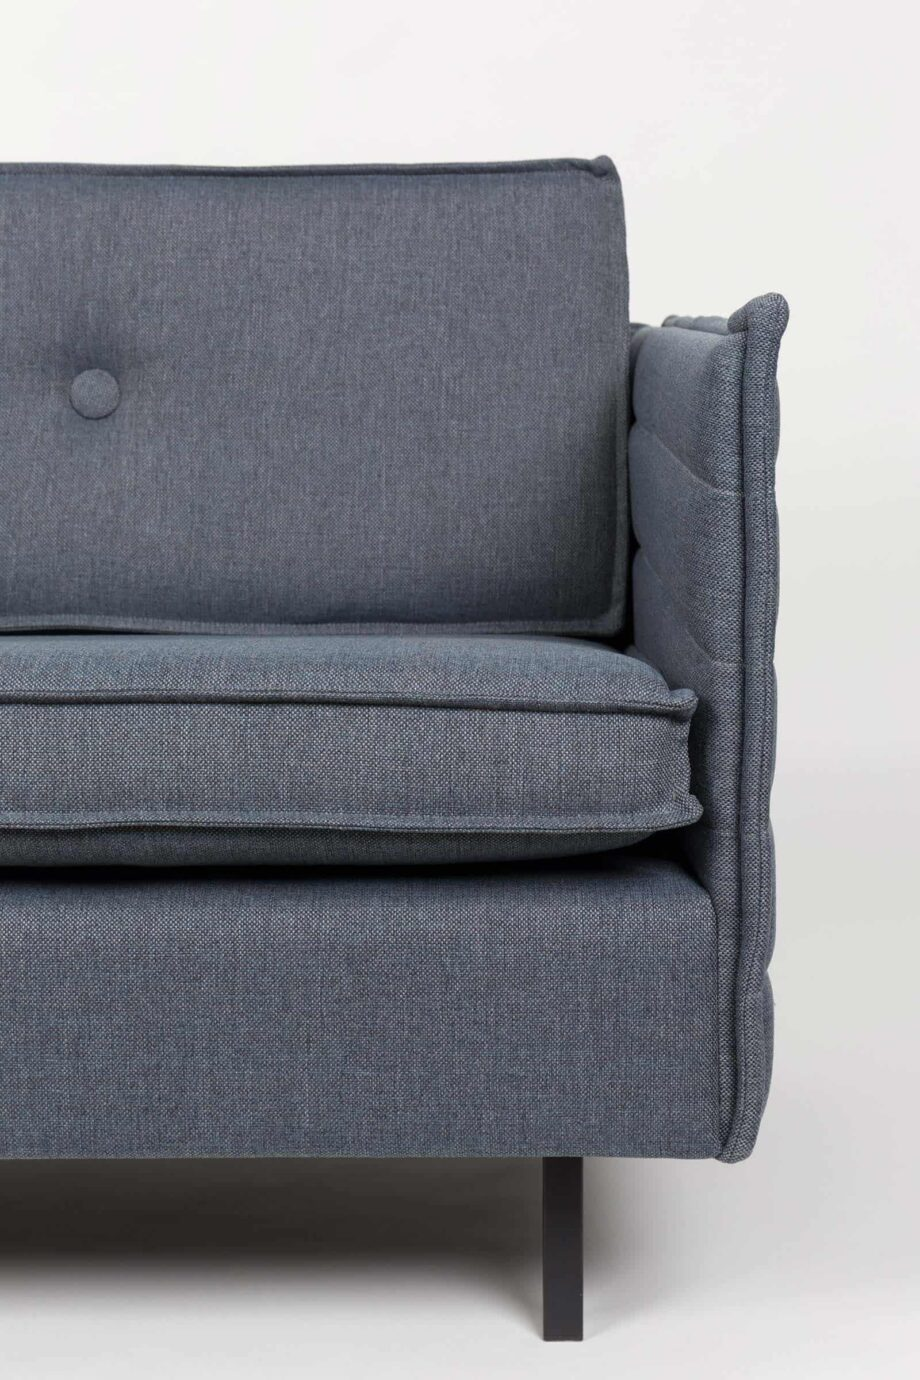 Jaey sofa 2,5 Zuiver grijs blauw 81